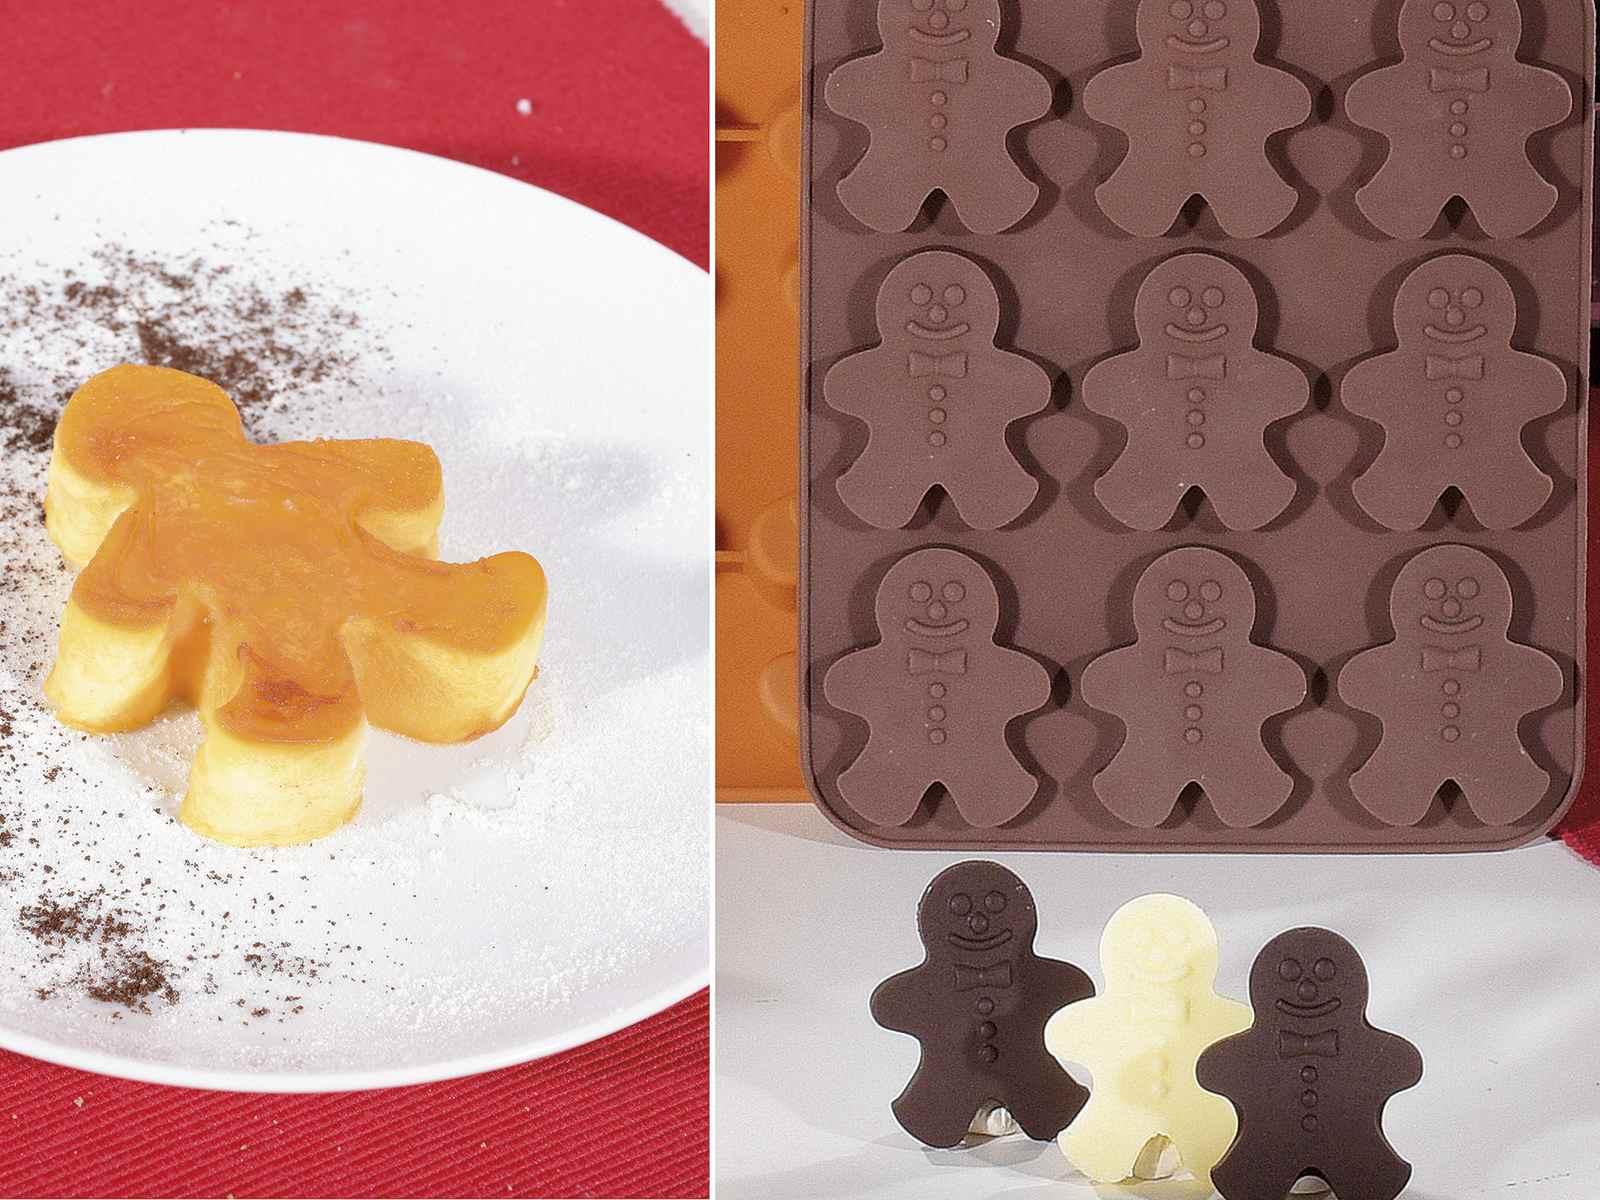 per decorare torte 2 stampi in silicone a forma di omino di pan di zenzero cioccolato caramelle cucina gelatina ecc. antiaderenti